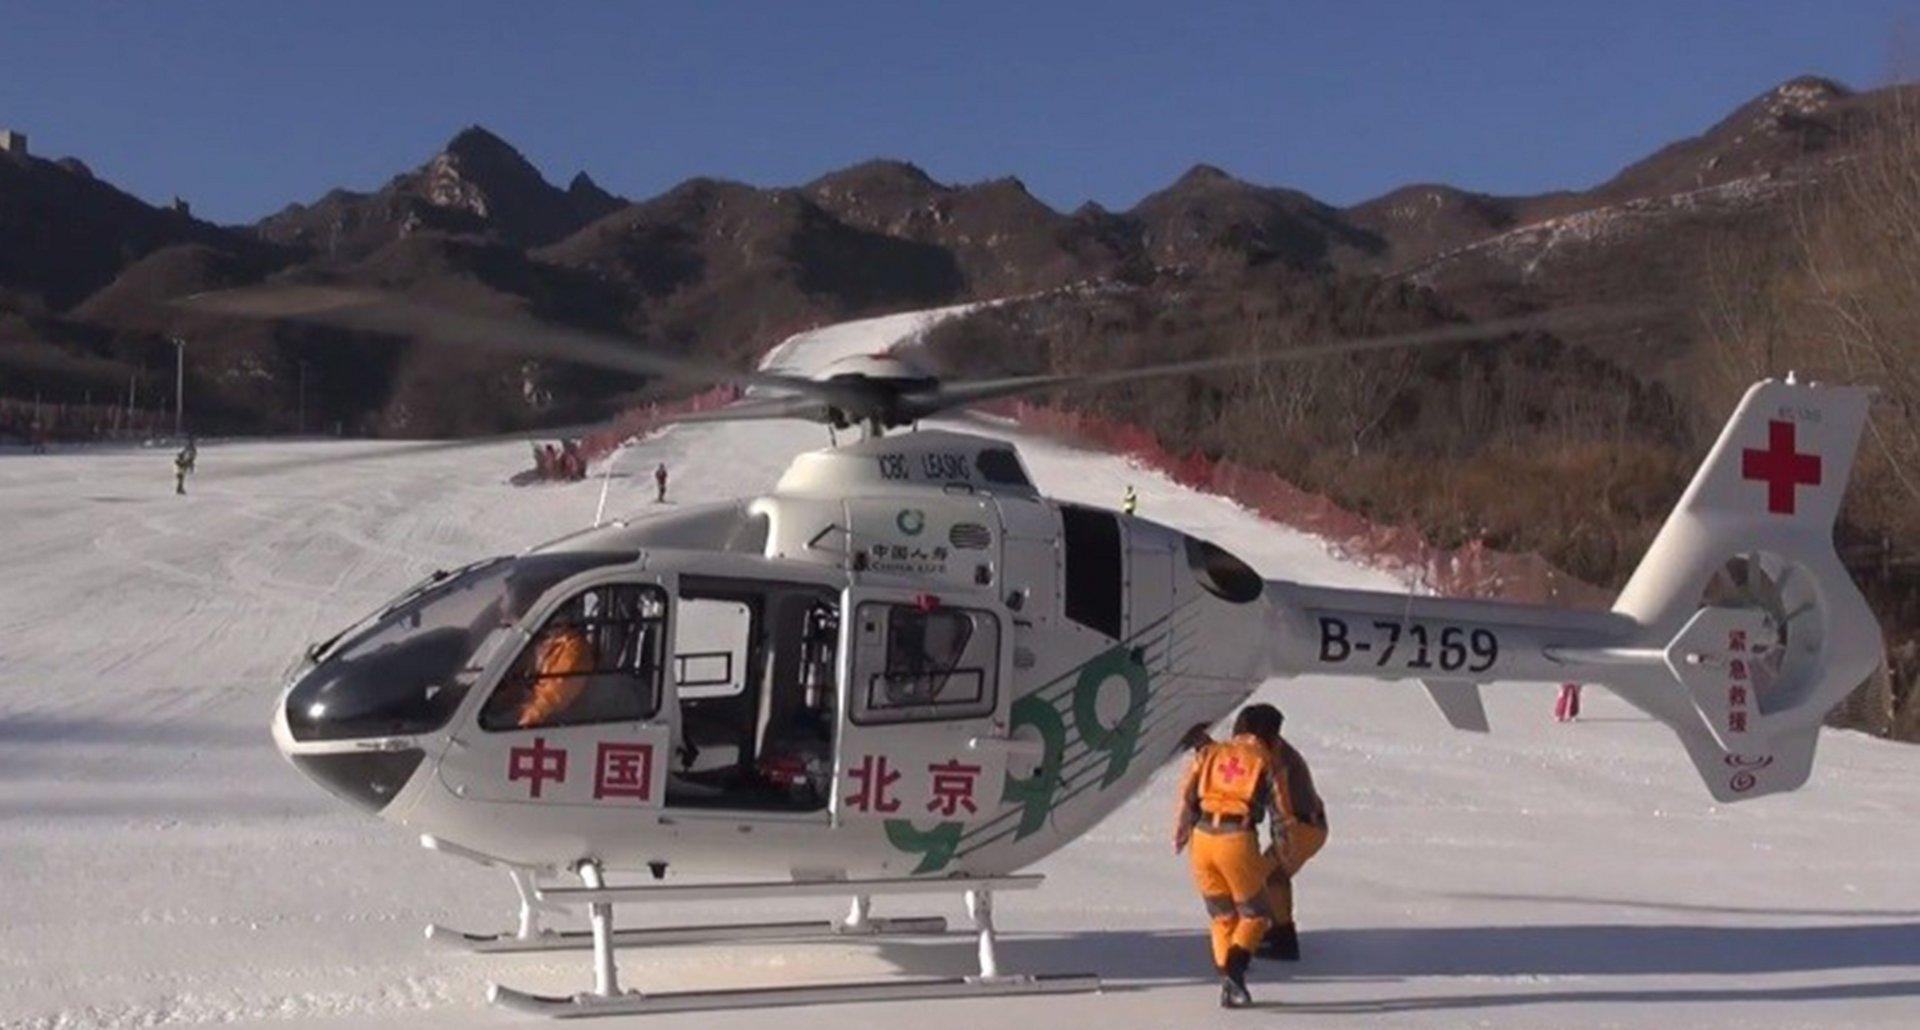 H135 Beijing 999